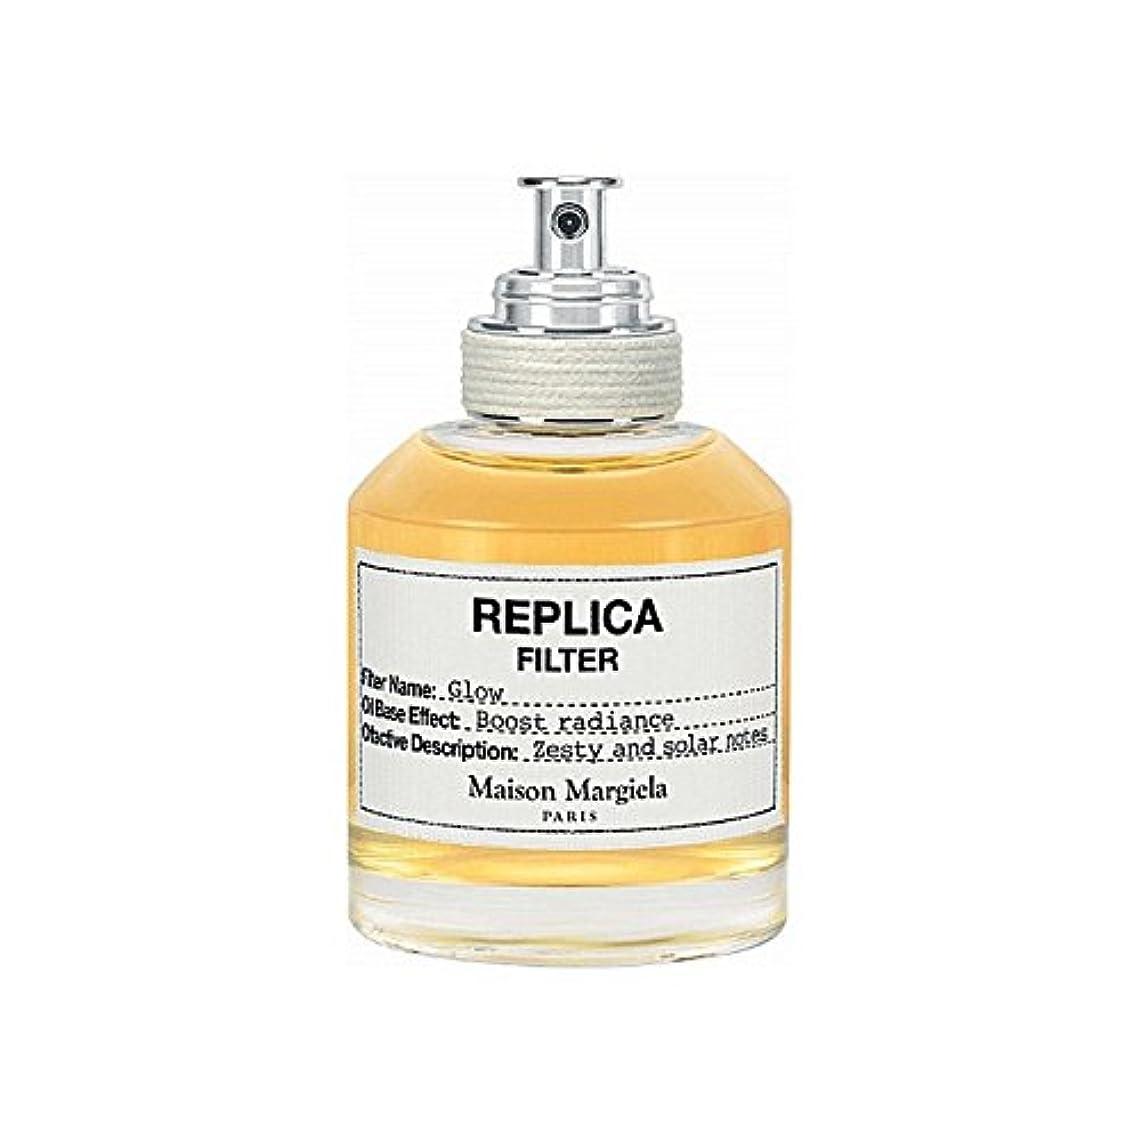 日曜日役立つ木曜日Maison Margiela Glow Replica Filter 50ml - メゾンマルジェラグローレプリカフィルタ50ミリリットル [並行輸入品]